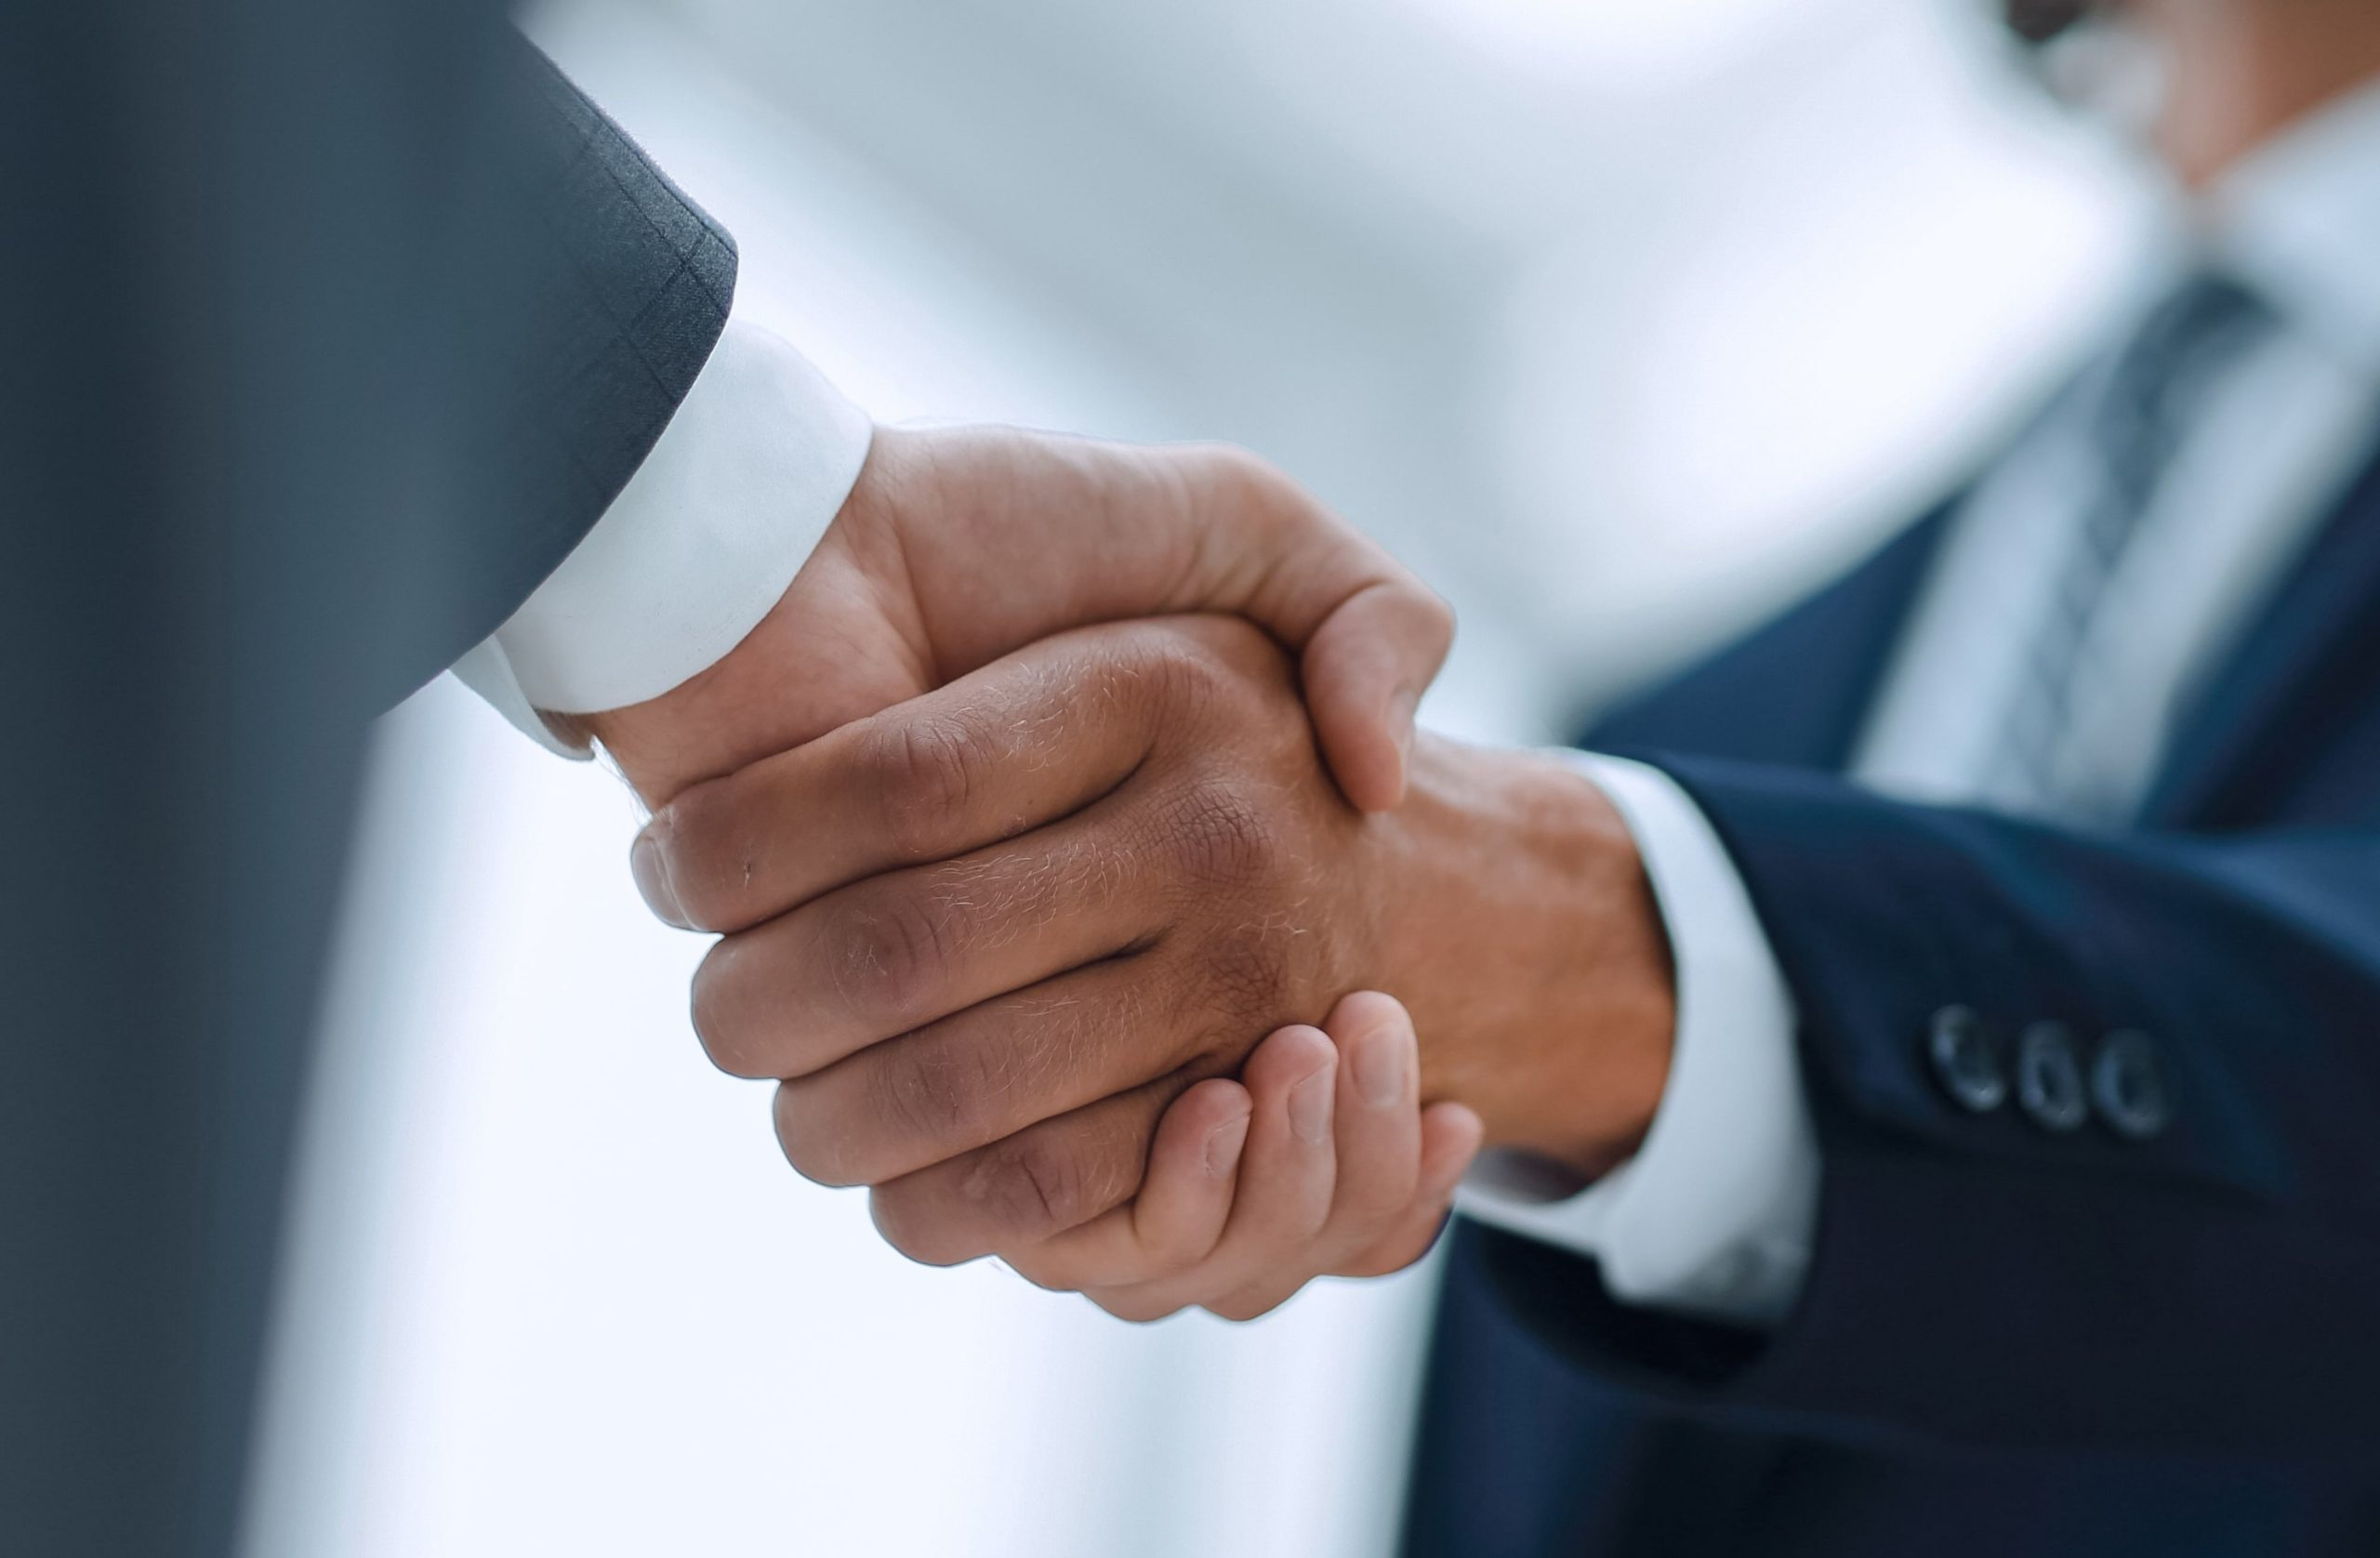 Kto pierwszy podaje rękę? Zbiór najważniejszych zasad